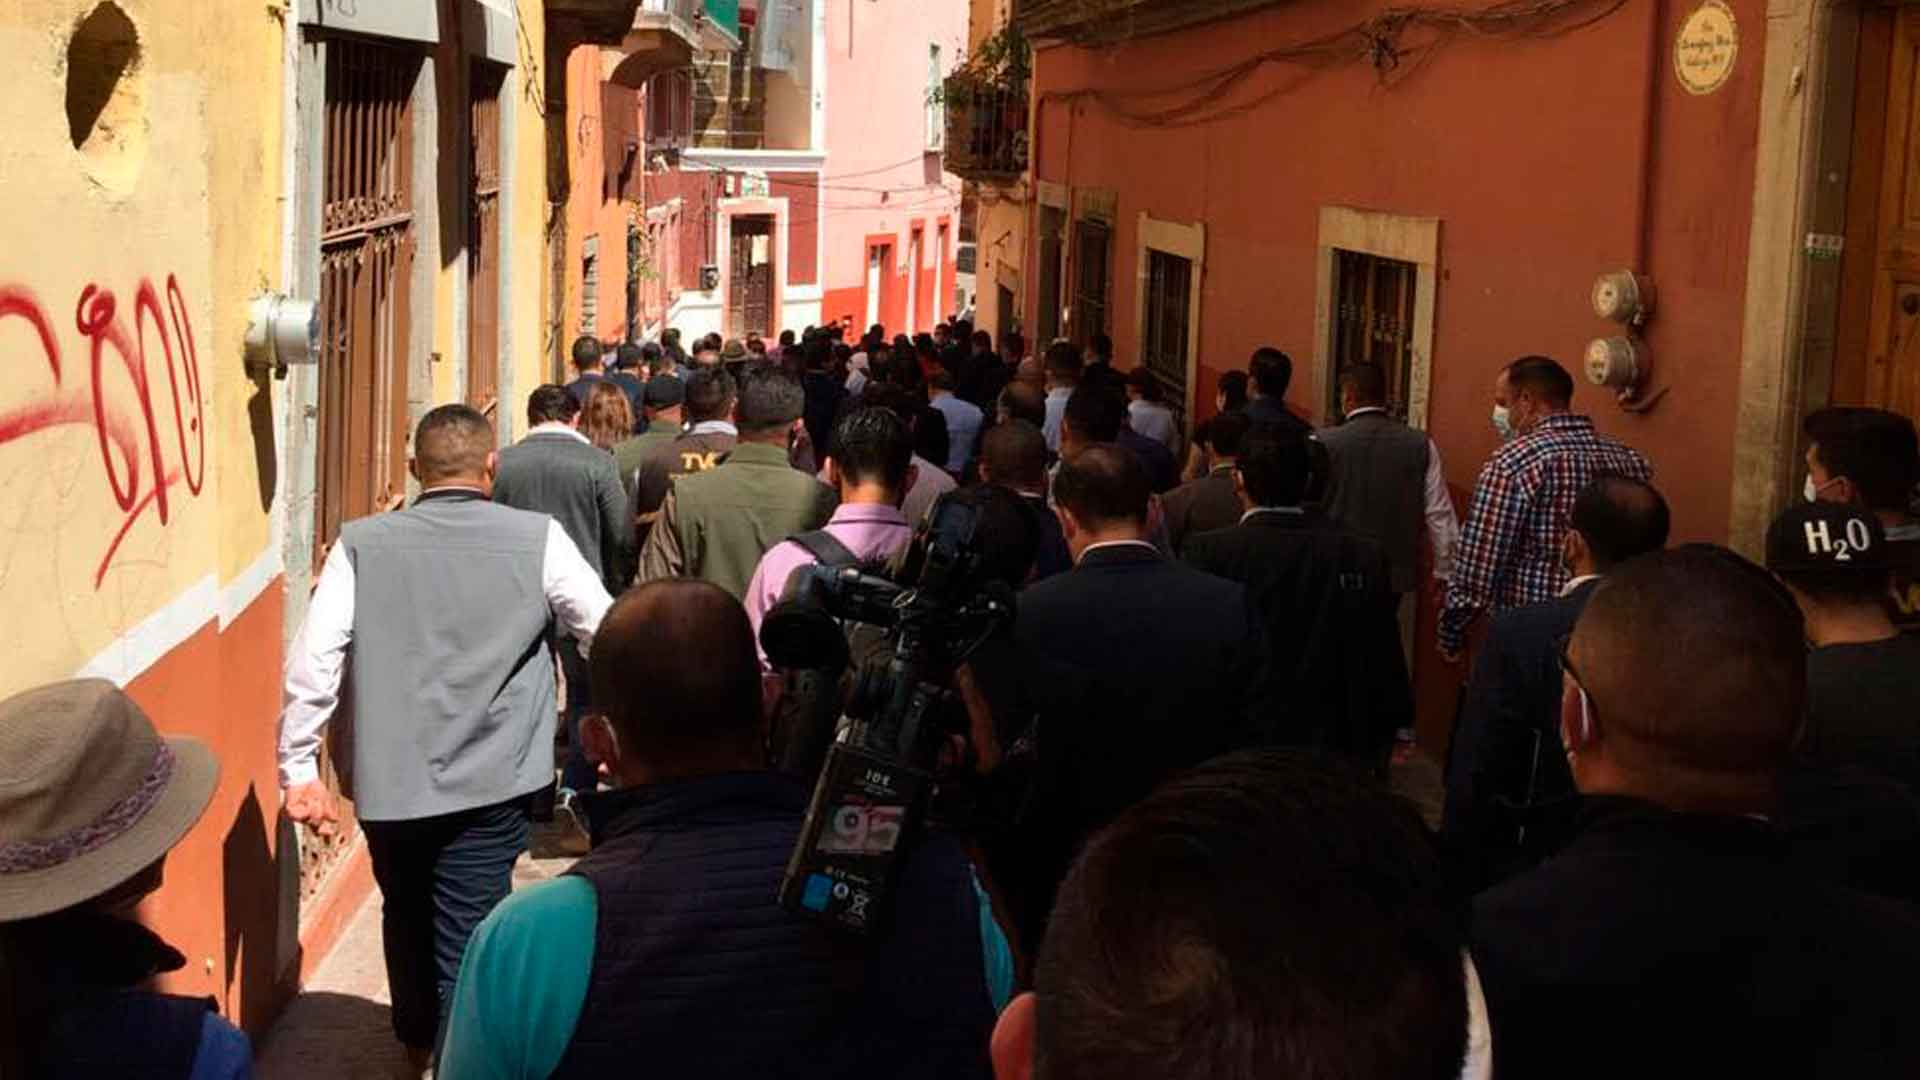 Durante el recorrido de gobernadores por el centro de Guanajuato